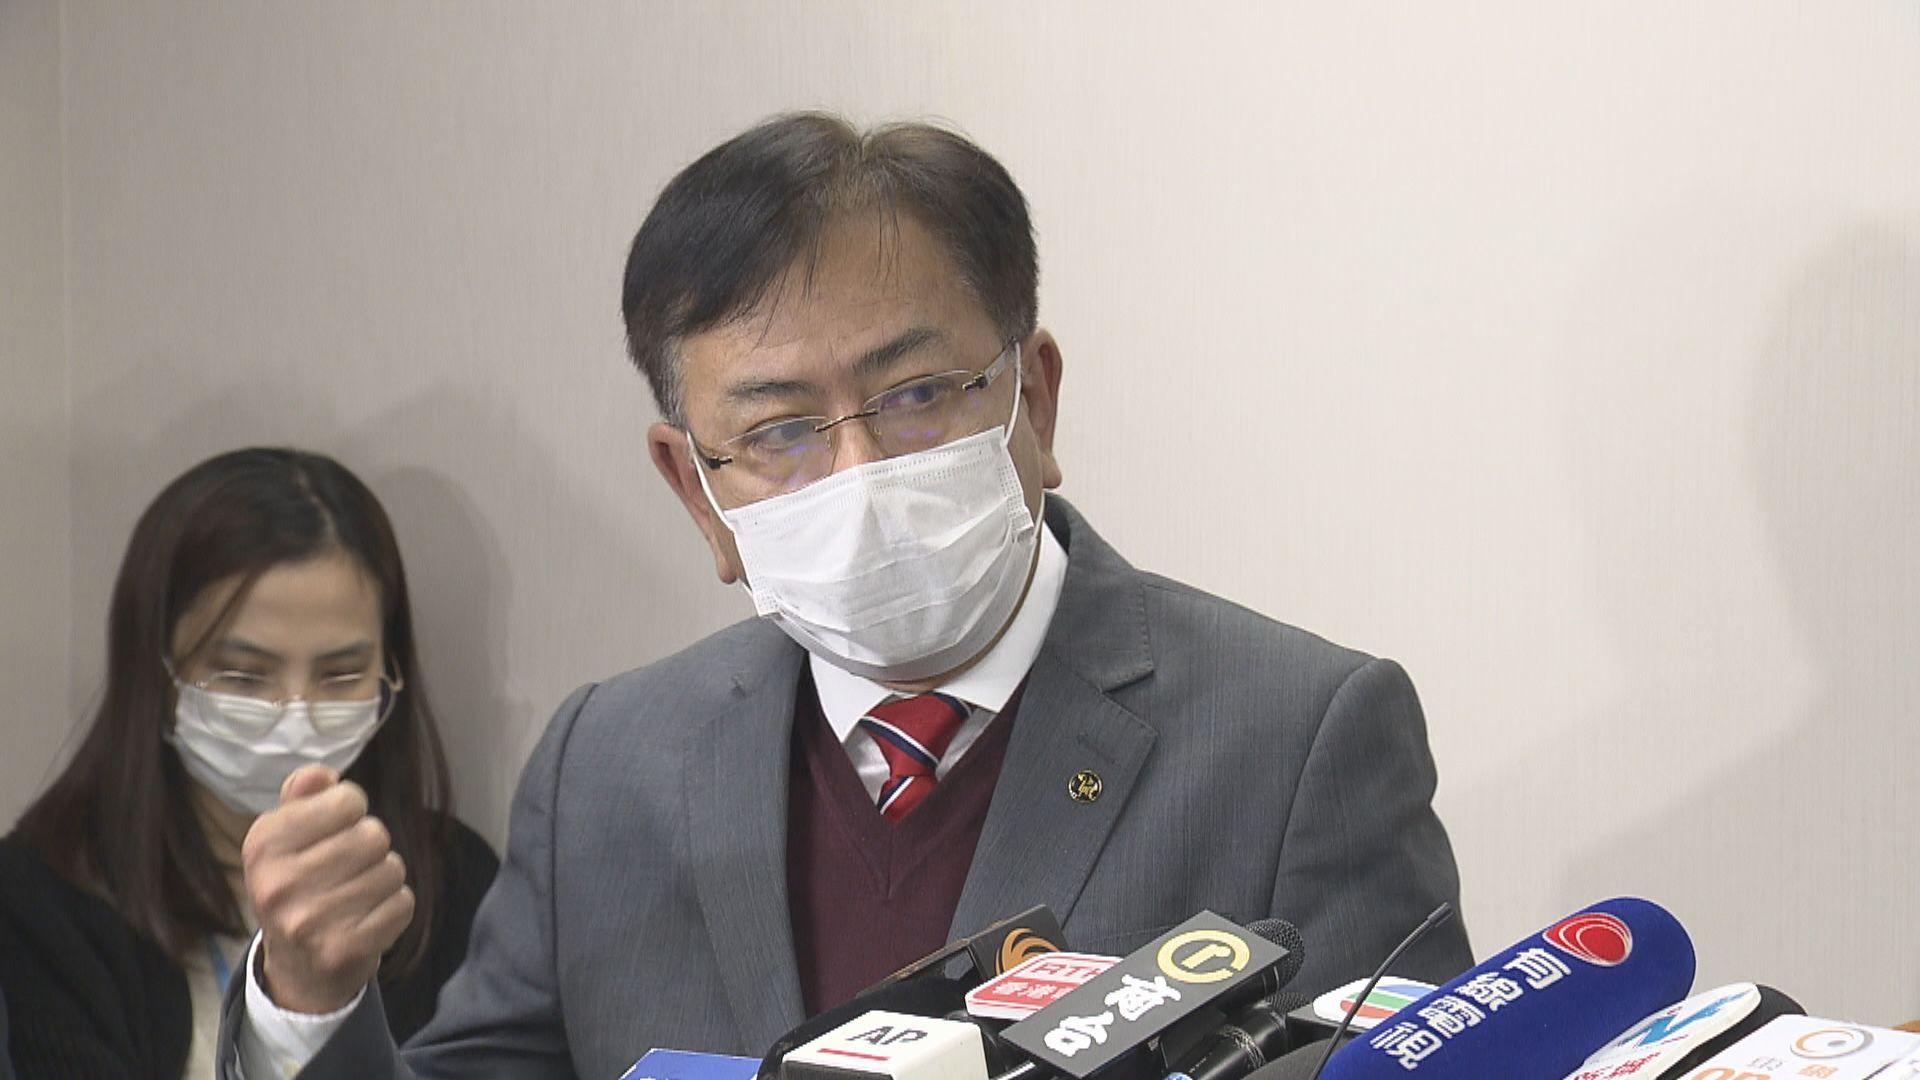 監警會秘書長俞官興下月約滿後不再續約